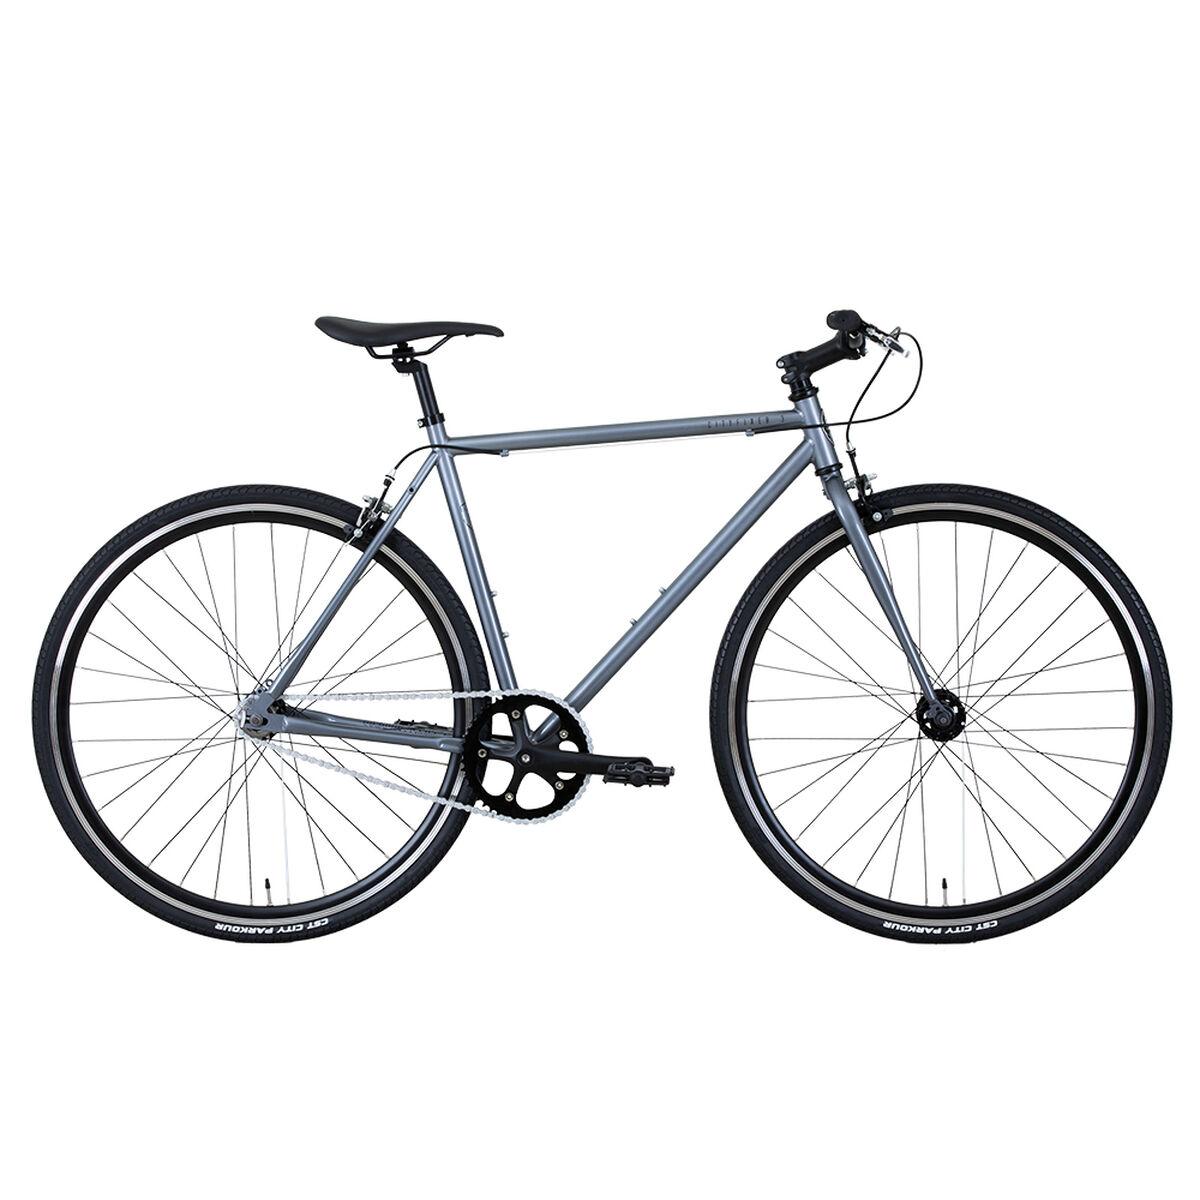 Bicicleta de Paseo Oxford Cityfixer 3 Aro 28